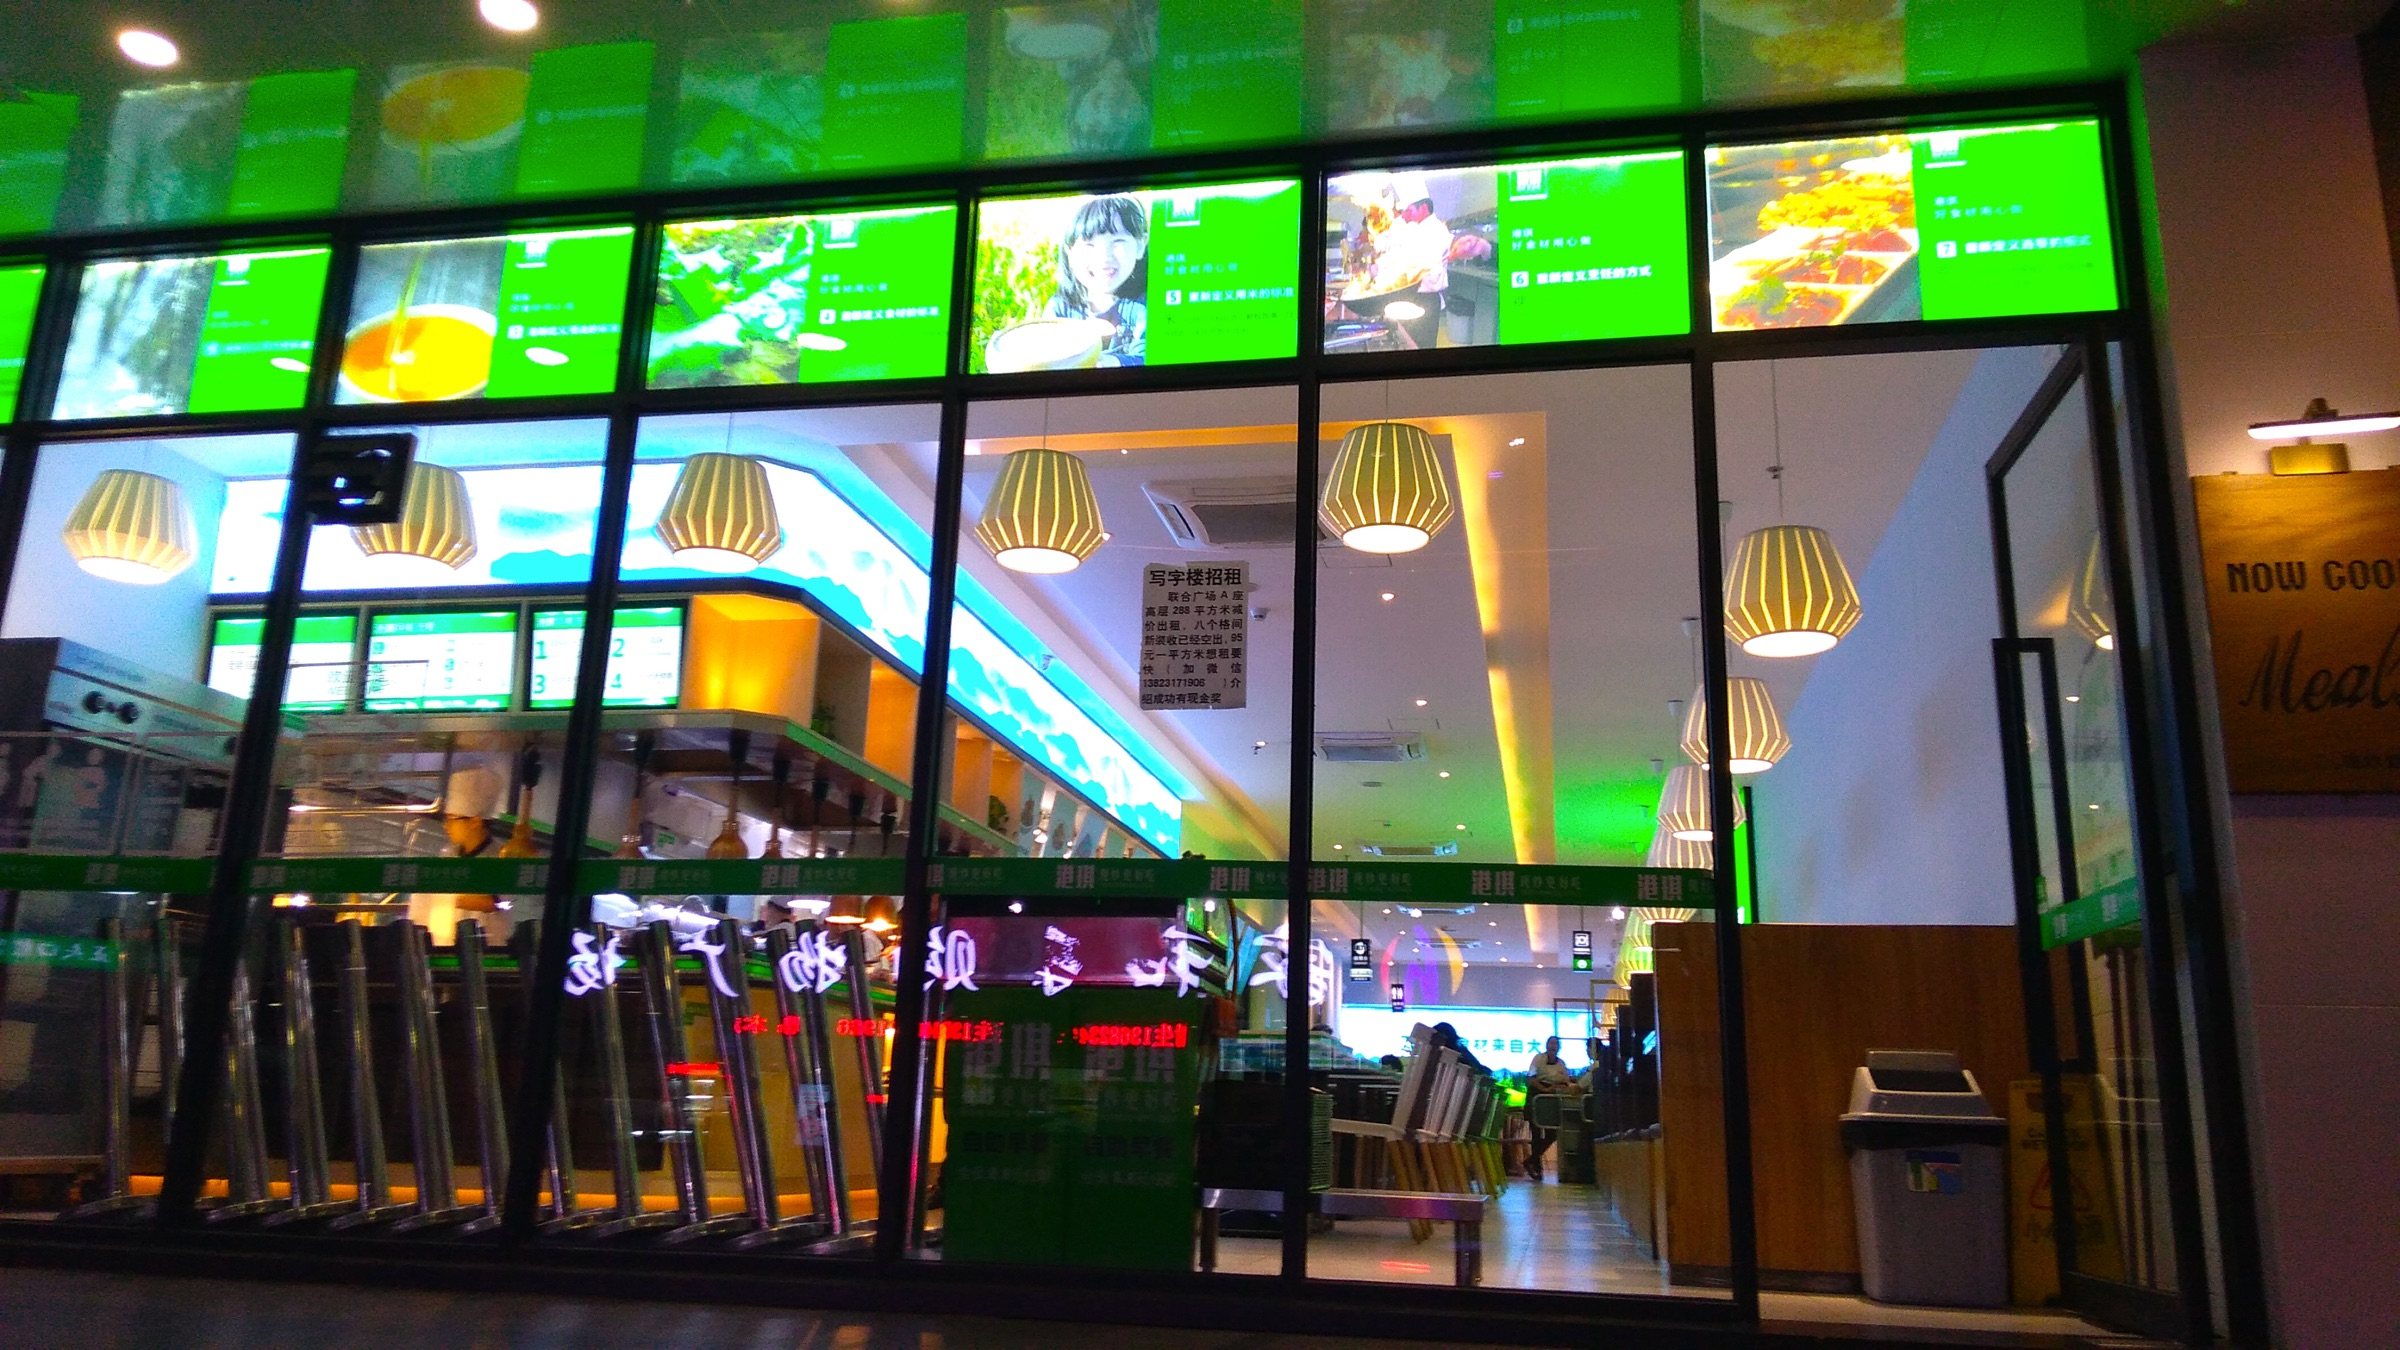 中国 深セン 福田の裏通りの飲食店4 Shenzhen Futian DOWN TOWN_[0]